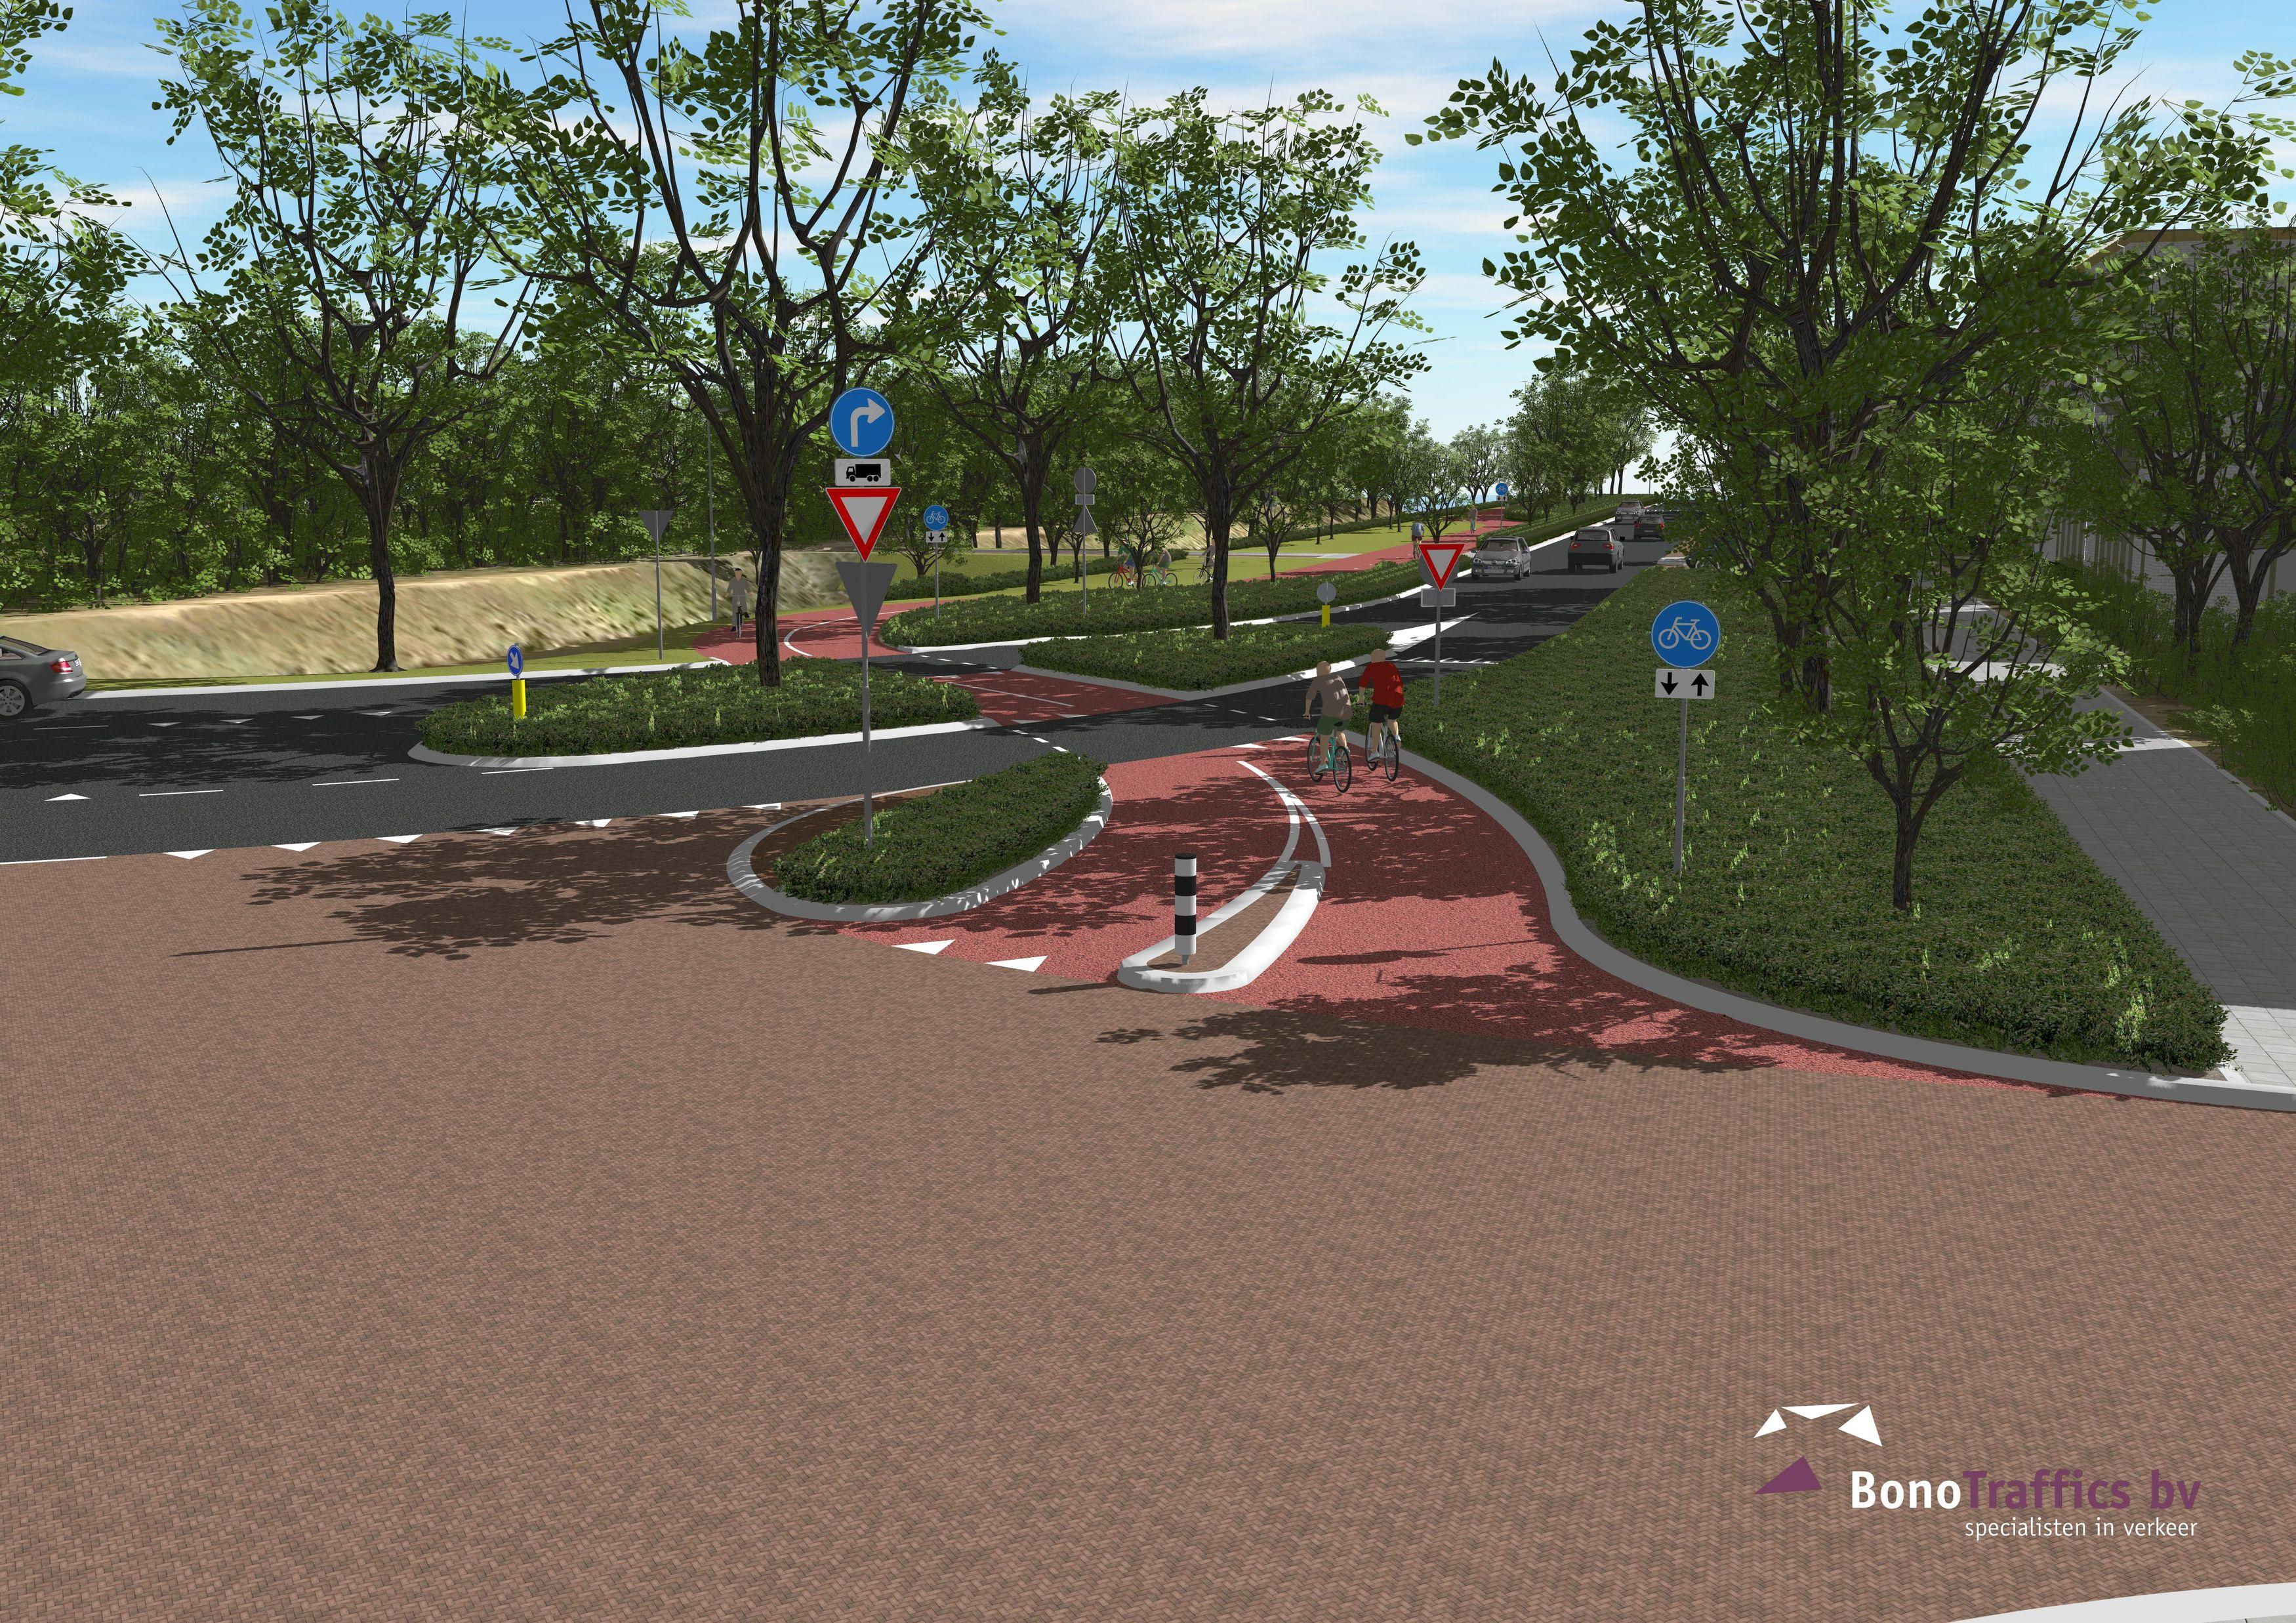 Standpunt-5---variant-fietser-uit-de-voorrang-3500-3500